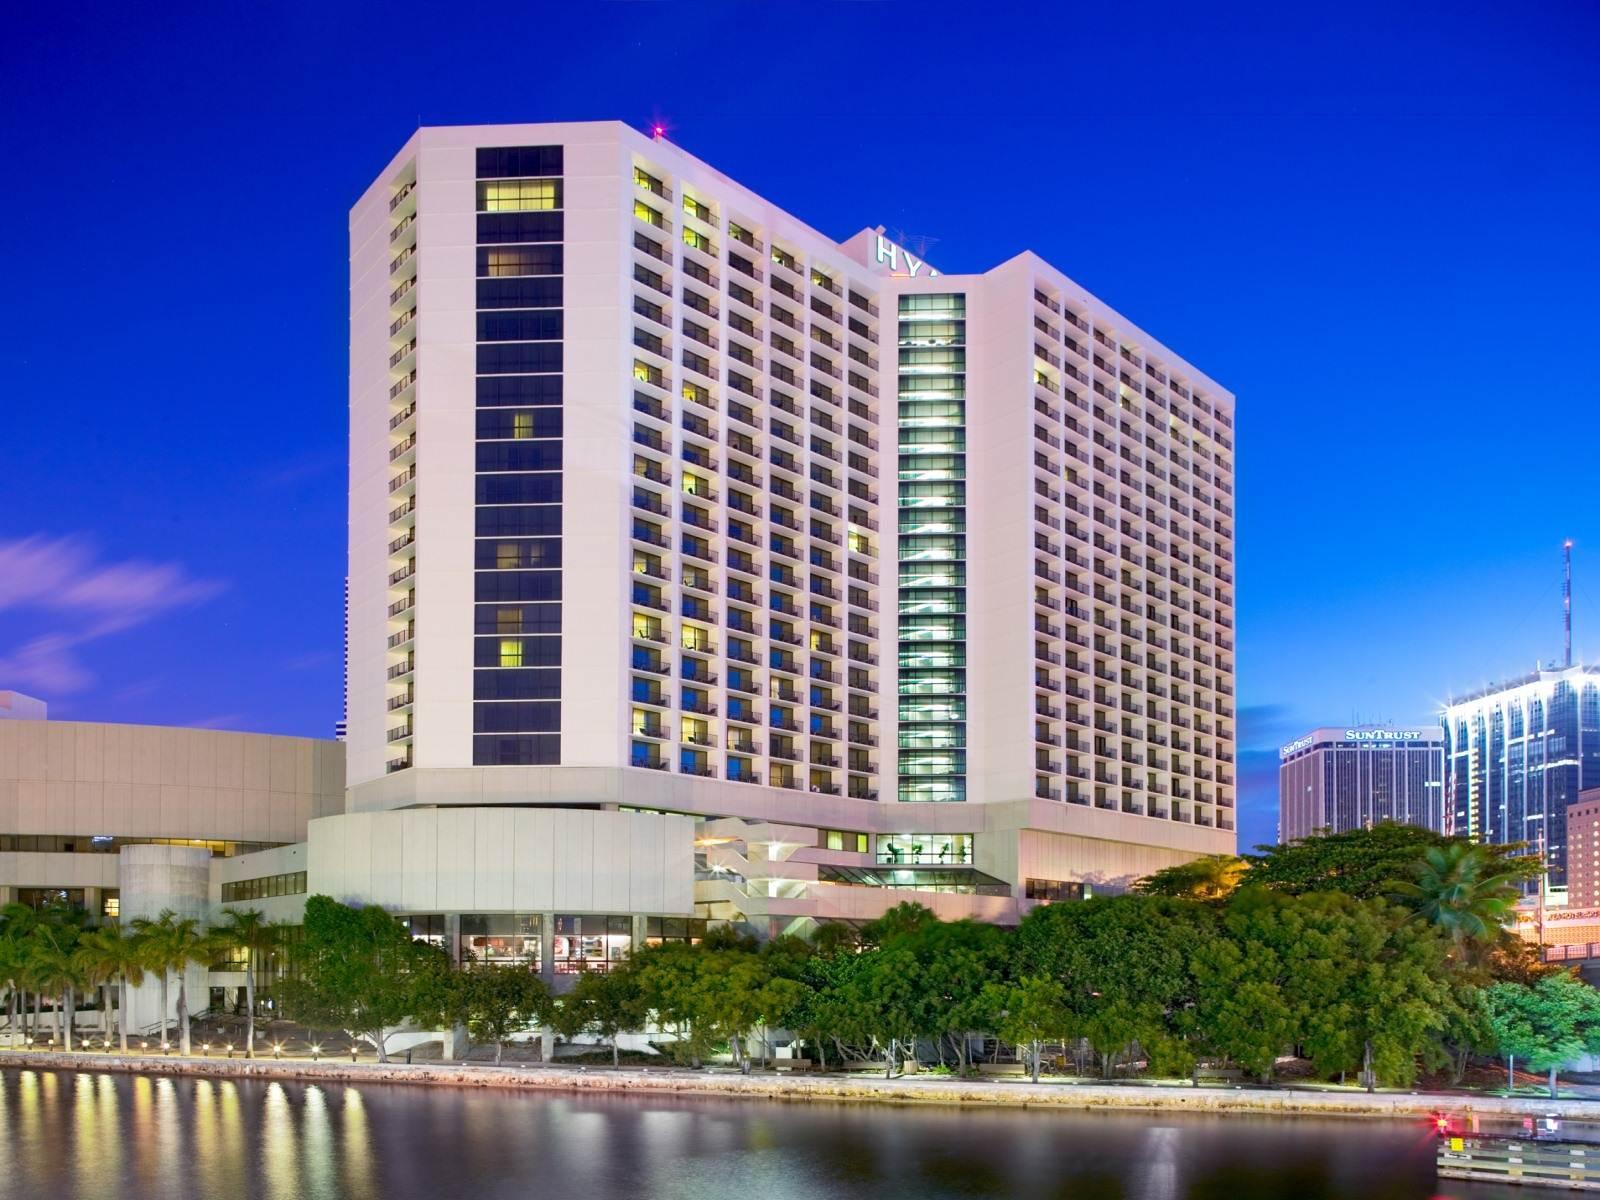 Hyatt Regency Miami Hotel